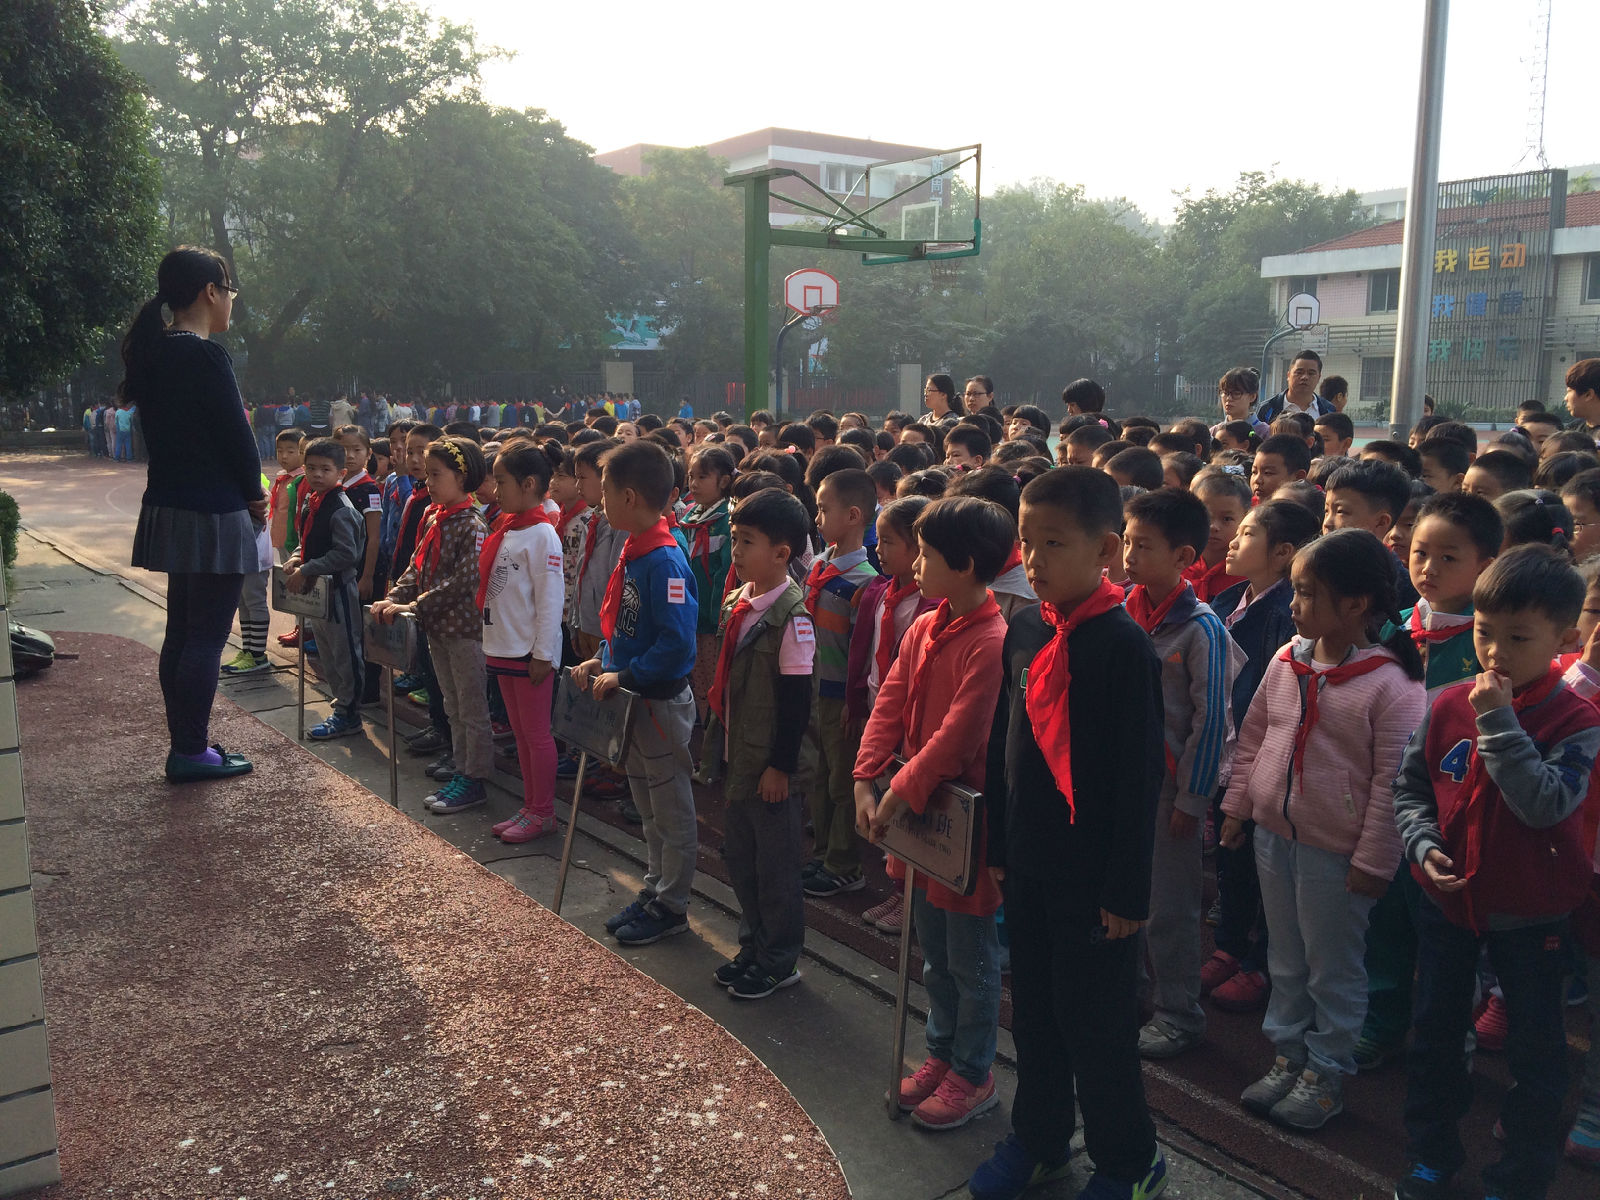 徐老师表示希望越来越多的孩子能够主动问好